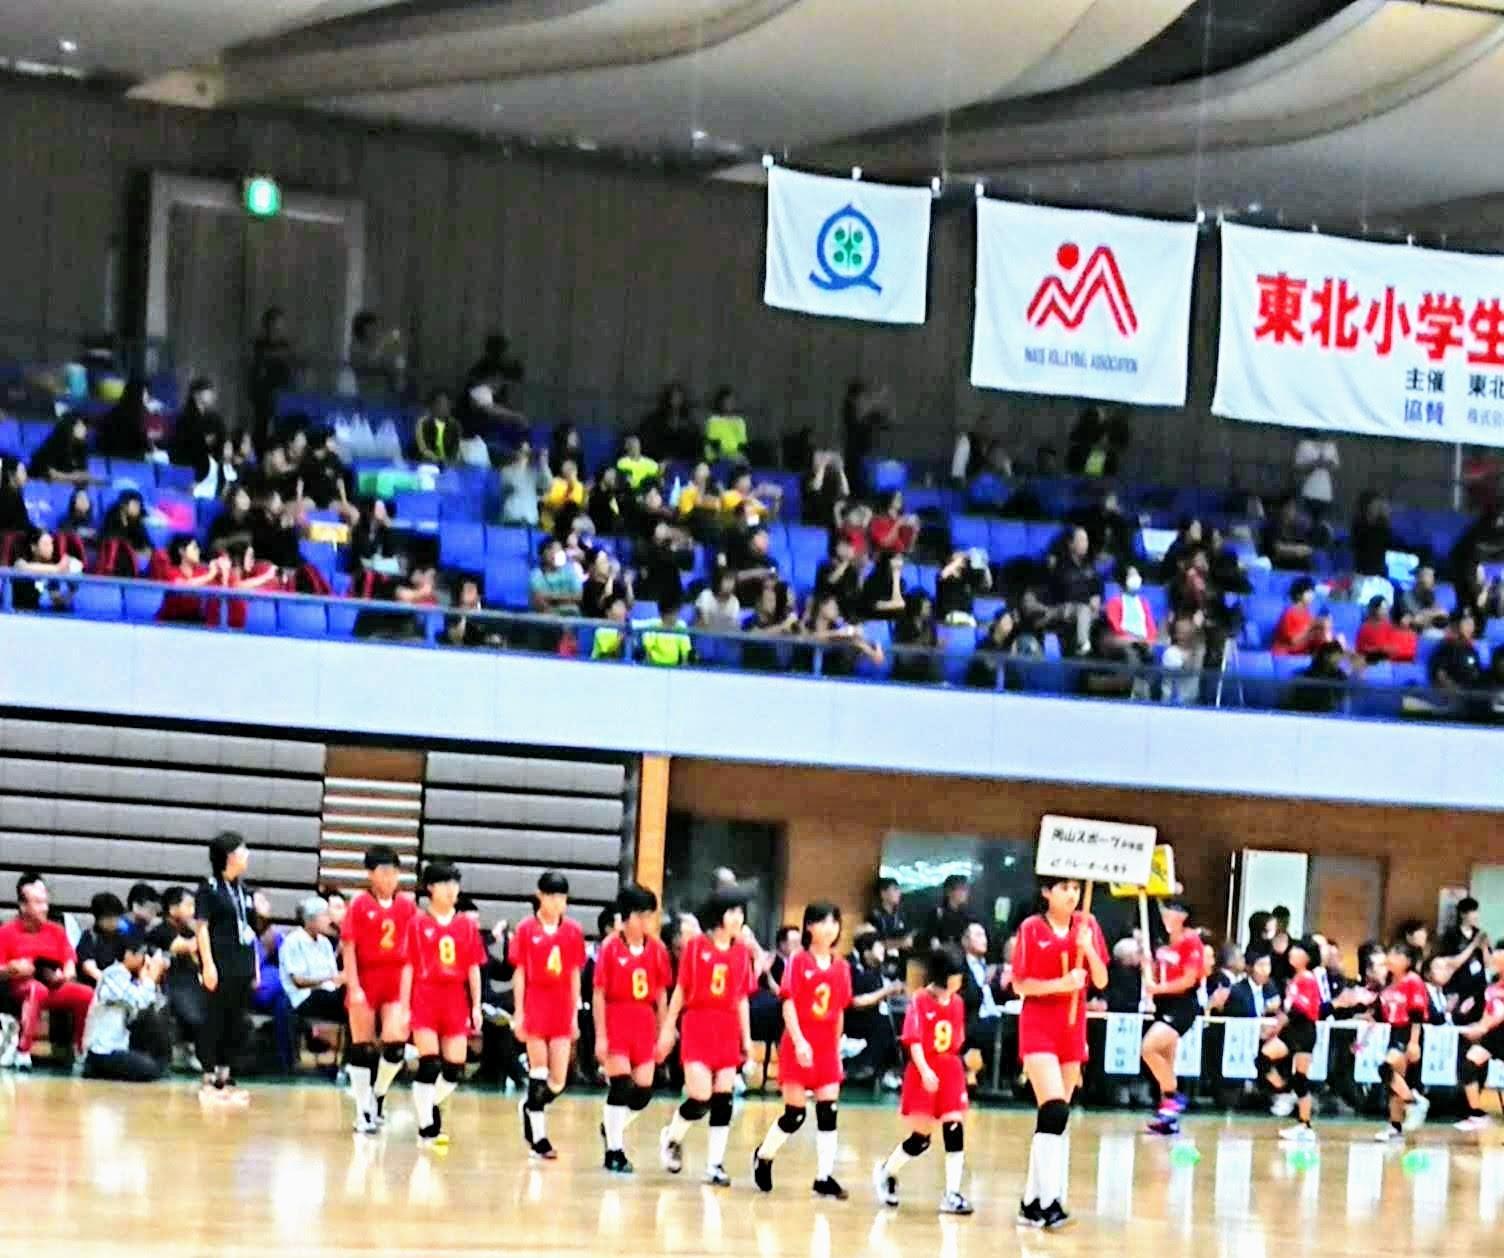 岡山スポーツ少年団女子バレーボール部